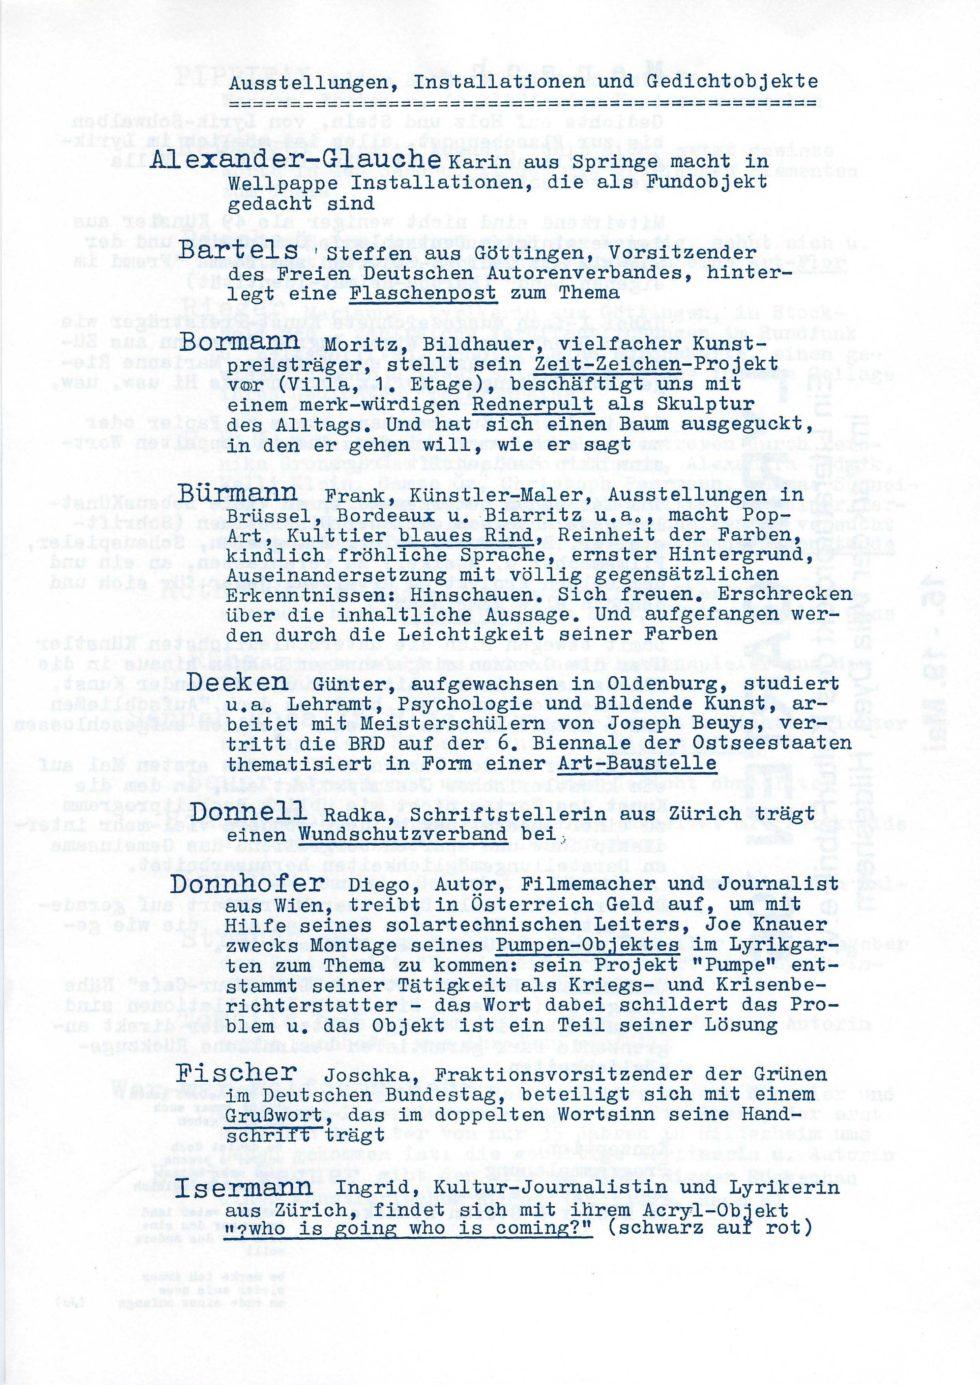 1996 Das erste große Projekt_Seite_26